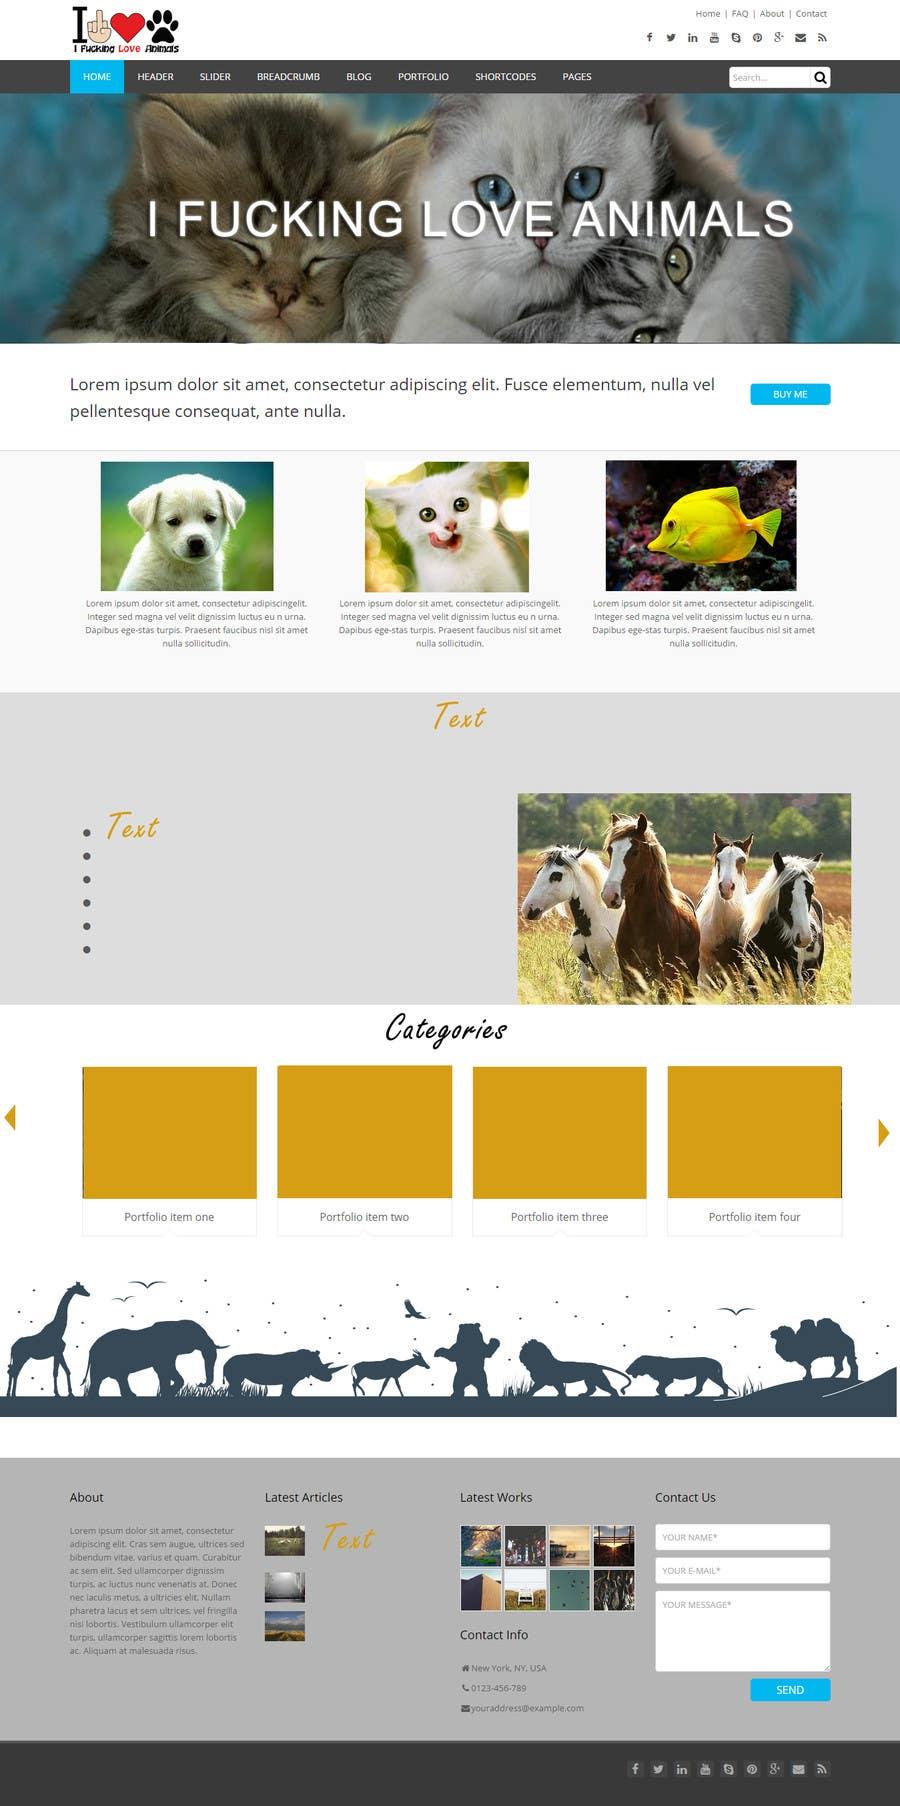 Konkurrenceindlæg #                                        5                                      for                                         Design a layout for my website